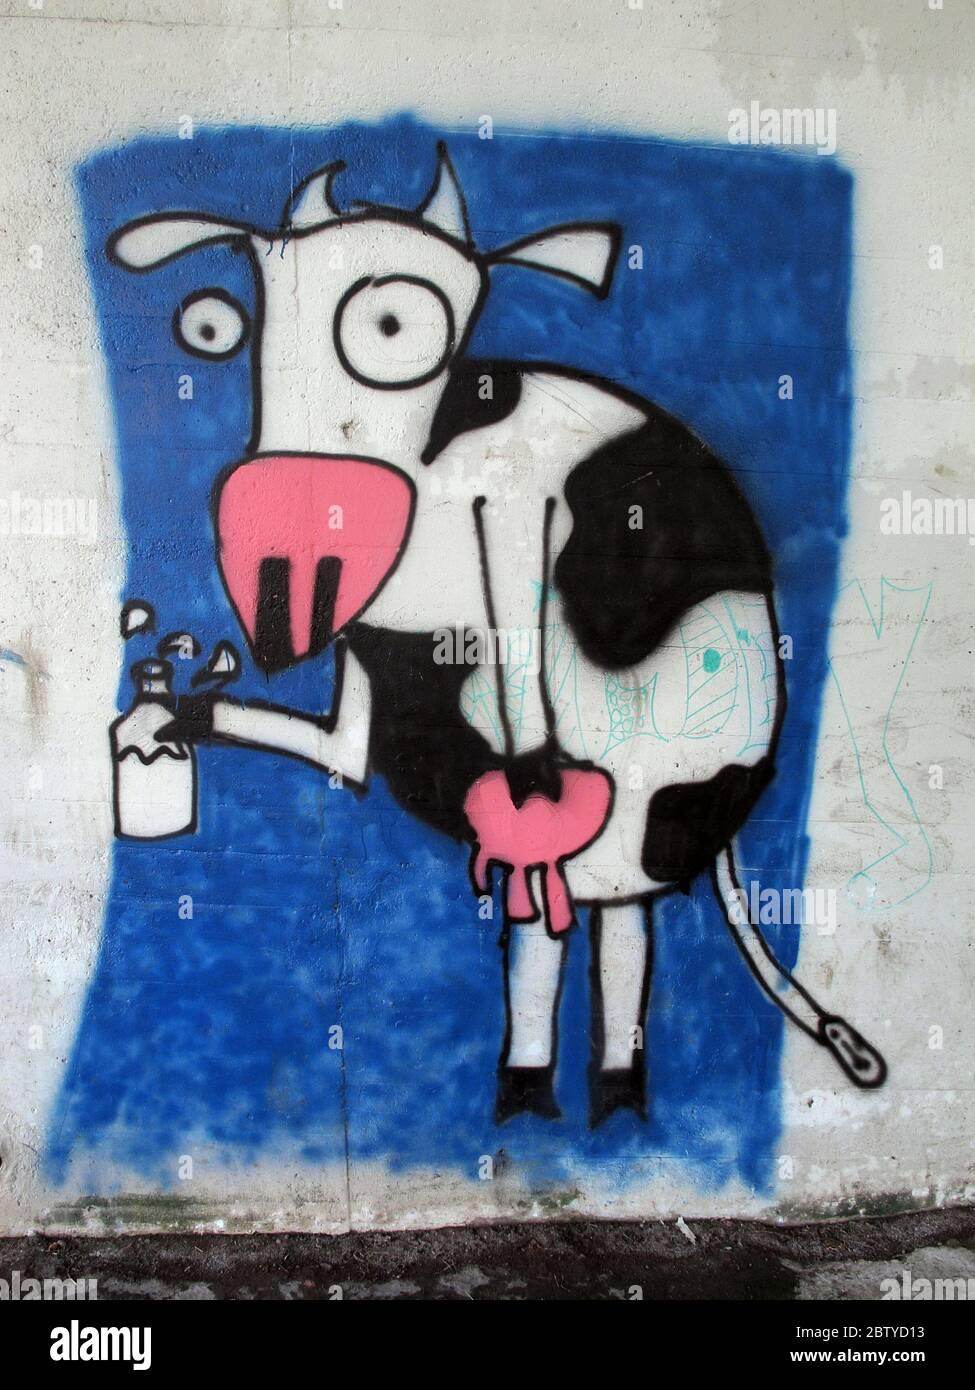 Dieses Stockfoto: Kuh mit Milch und Eutern unter der A50 Straßenbrücke, Massey Brook, Grappenhall, Warrington, Cheshire, England, Großbritannien - 2BTYD1